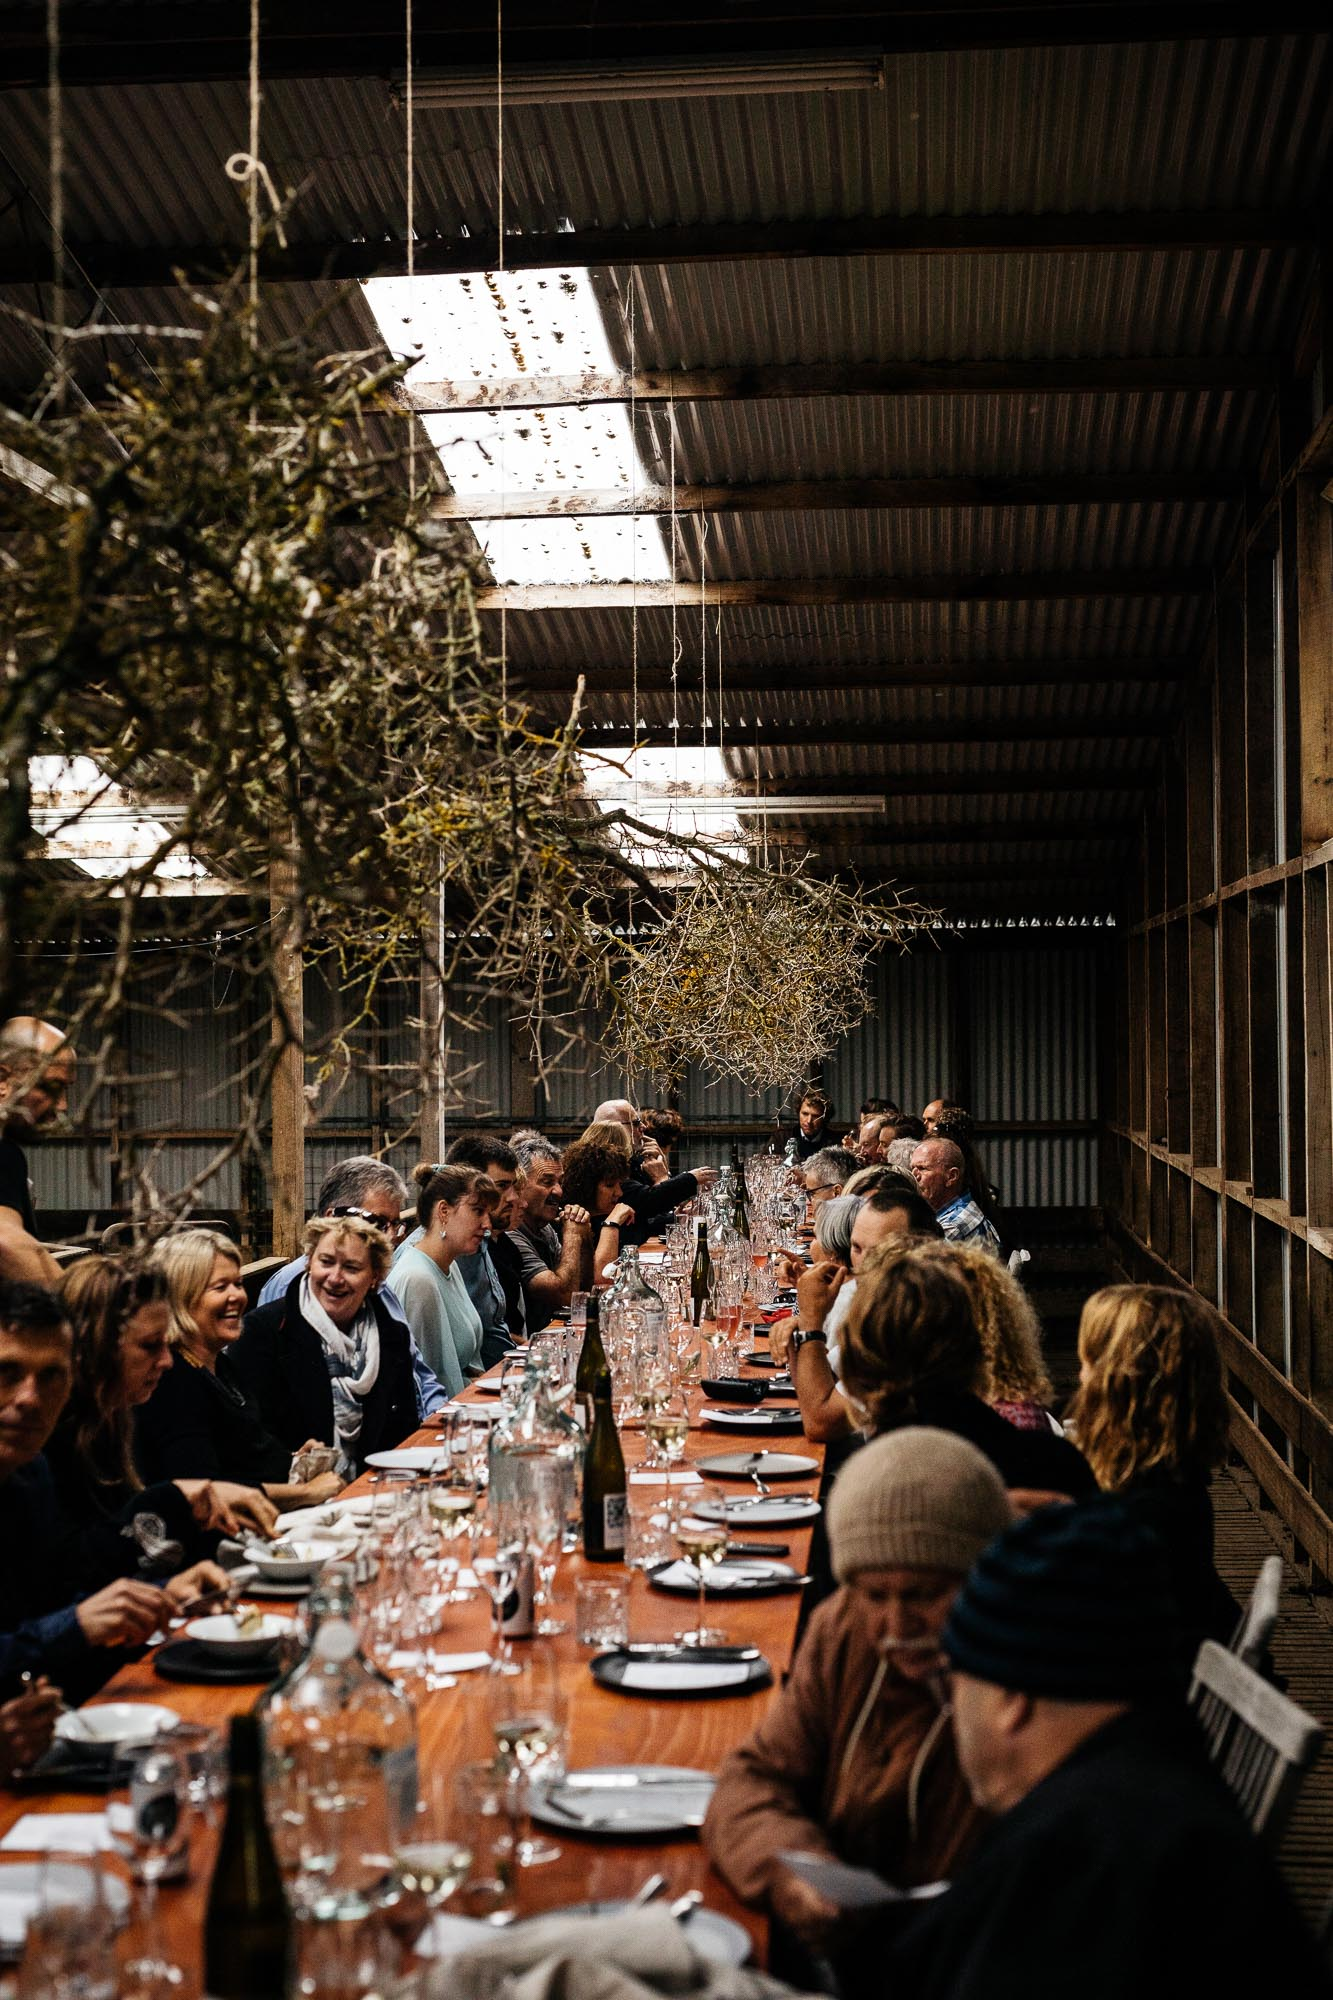 Flinders Island Food & Crayfish Festival Tasmania